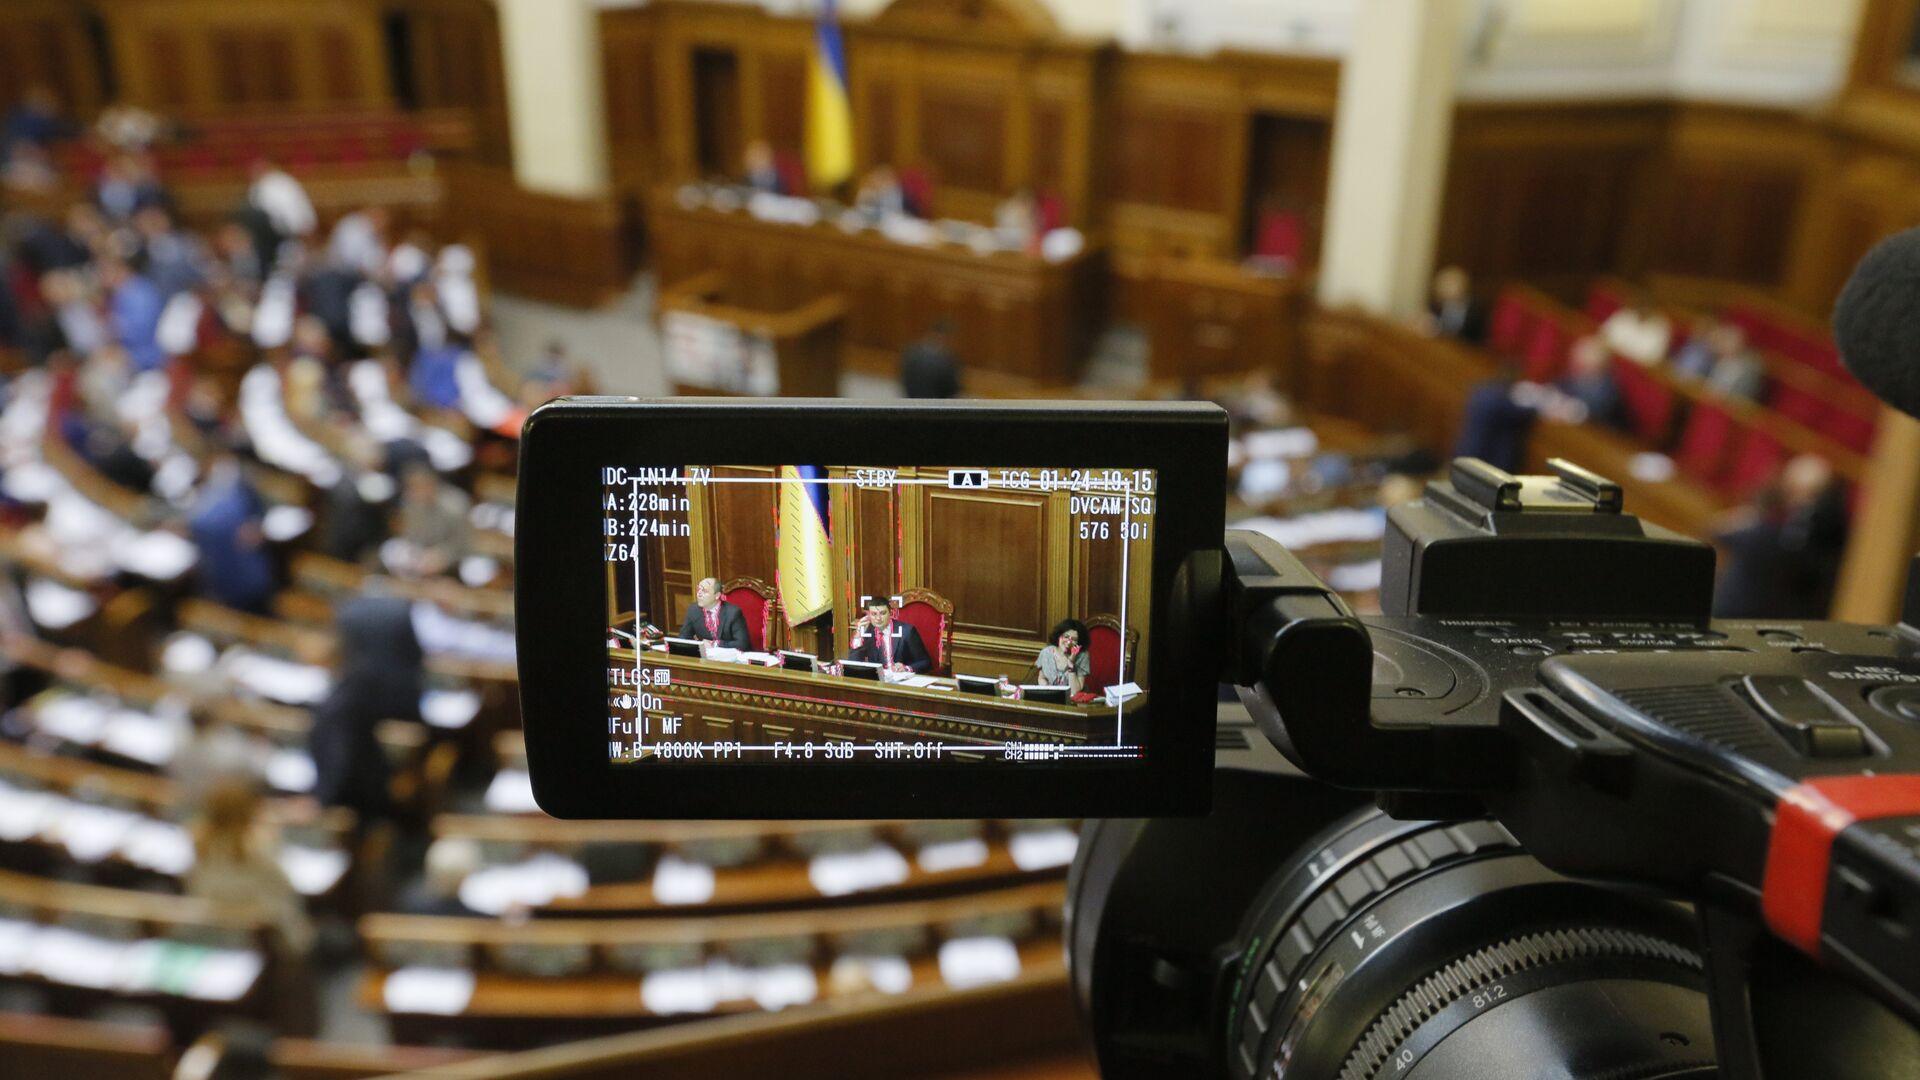 Журналист с камерой в Верховной раде Украины  - РИА Новости, 1920, 04.01.2020